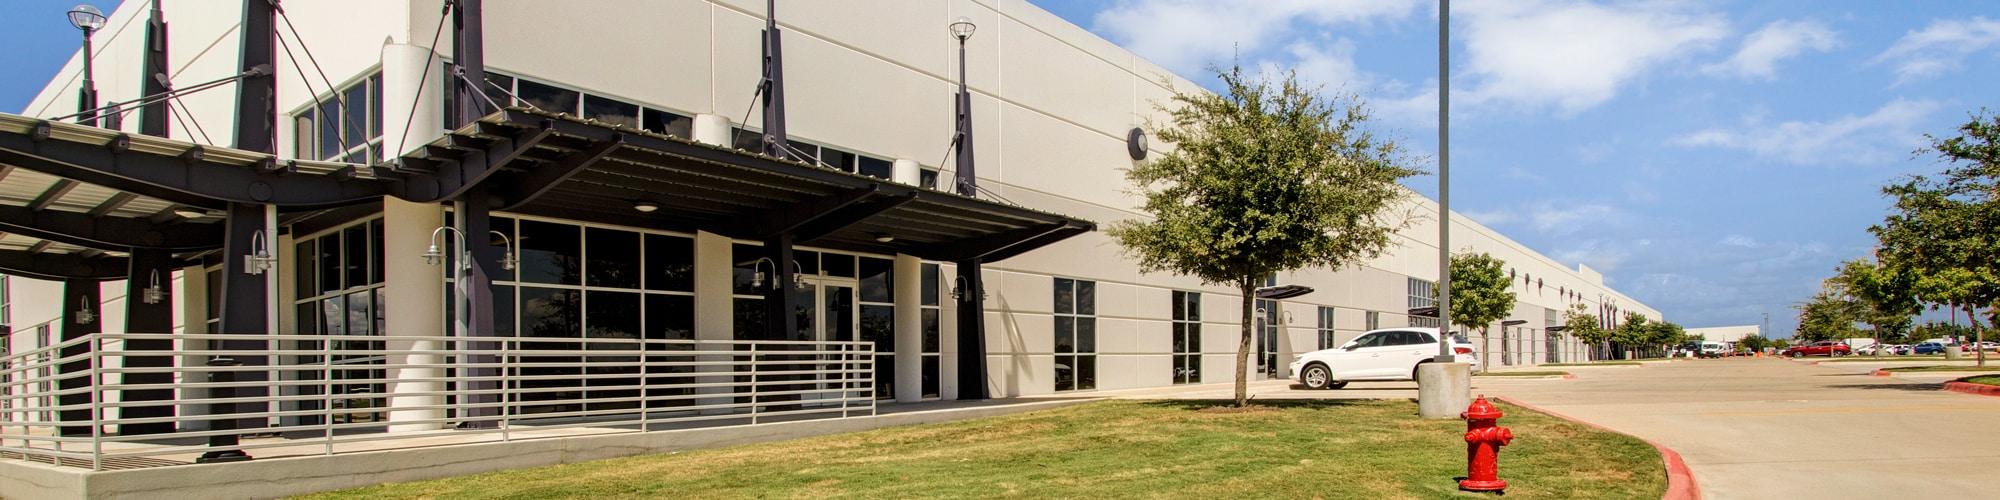 MetCenter II - Building-3-9